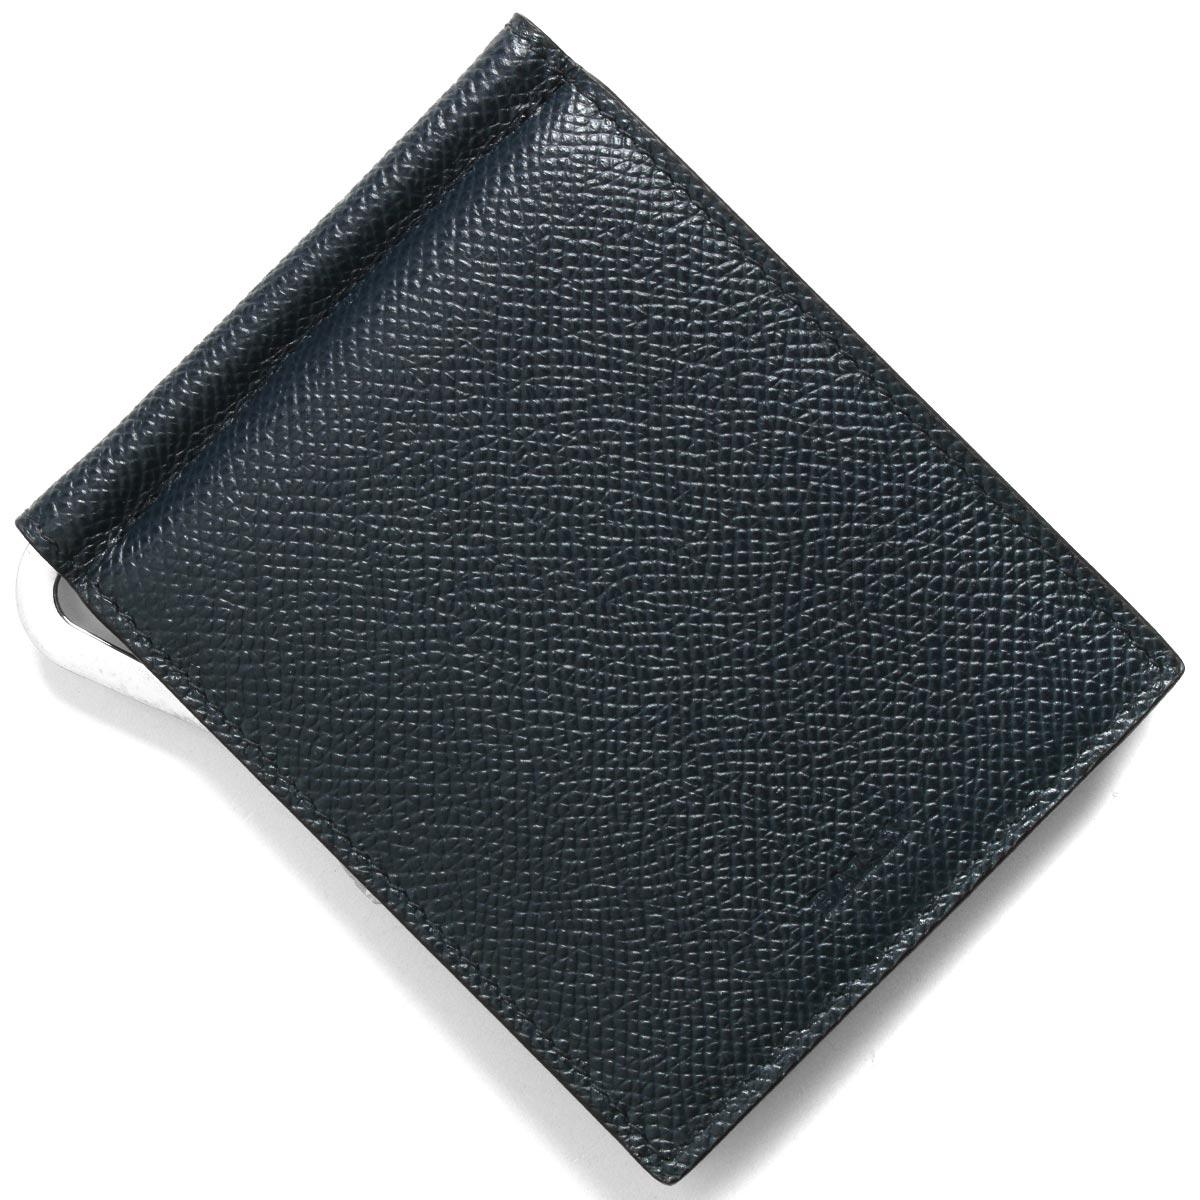 バリー 二つ折り財布【札入れ】 財布 メンズ ボドロ ニューブルー BODOLO B 407 6226571 BALLY